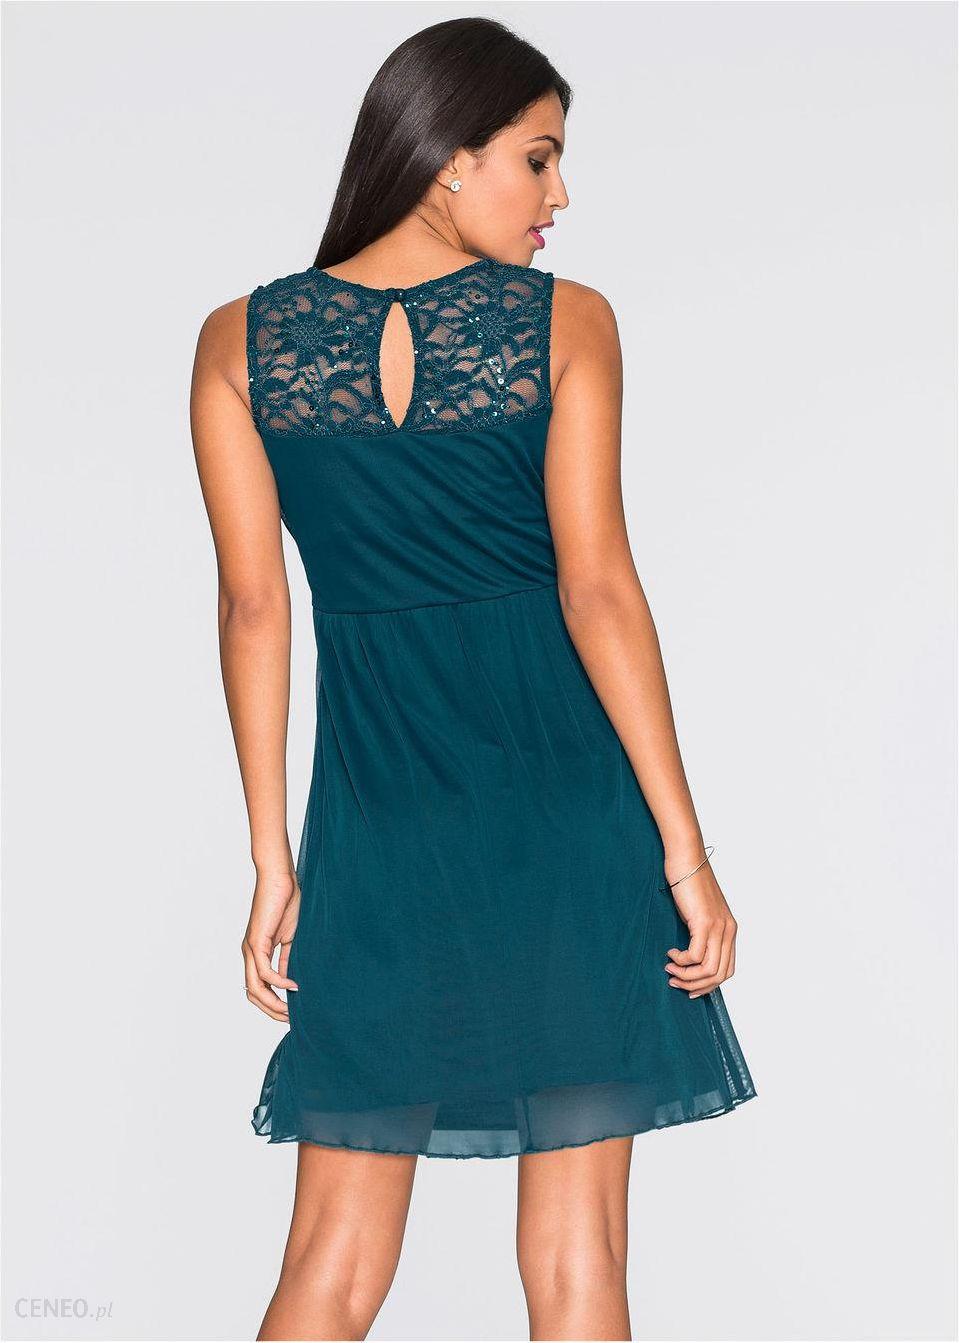 645851d010 Sukienka szmaragdowy - Ceny i opinie - Ceneo.pl